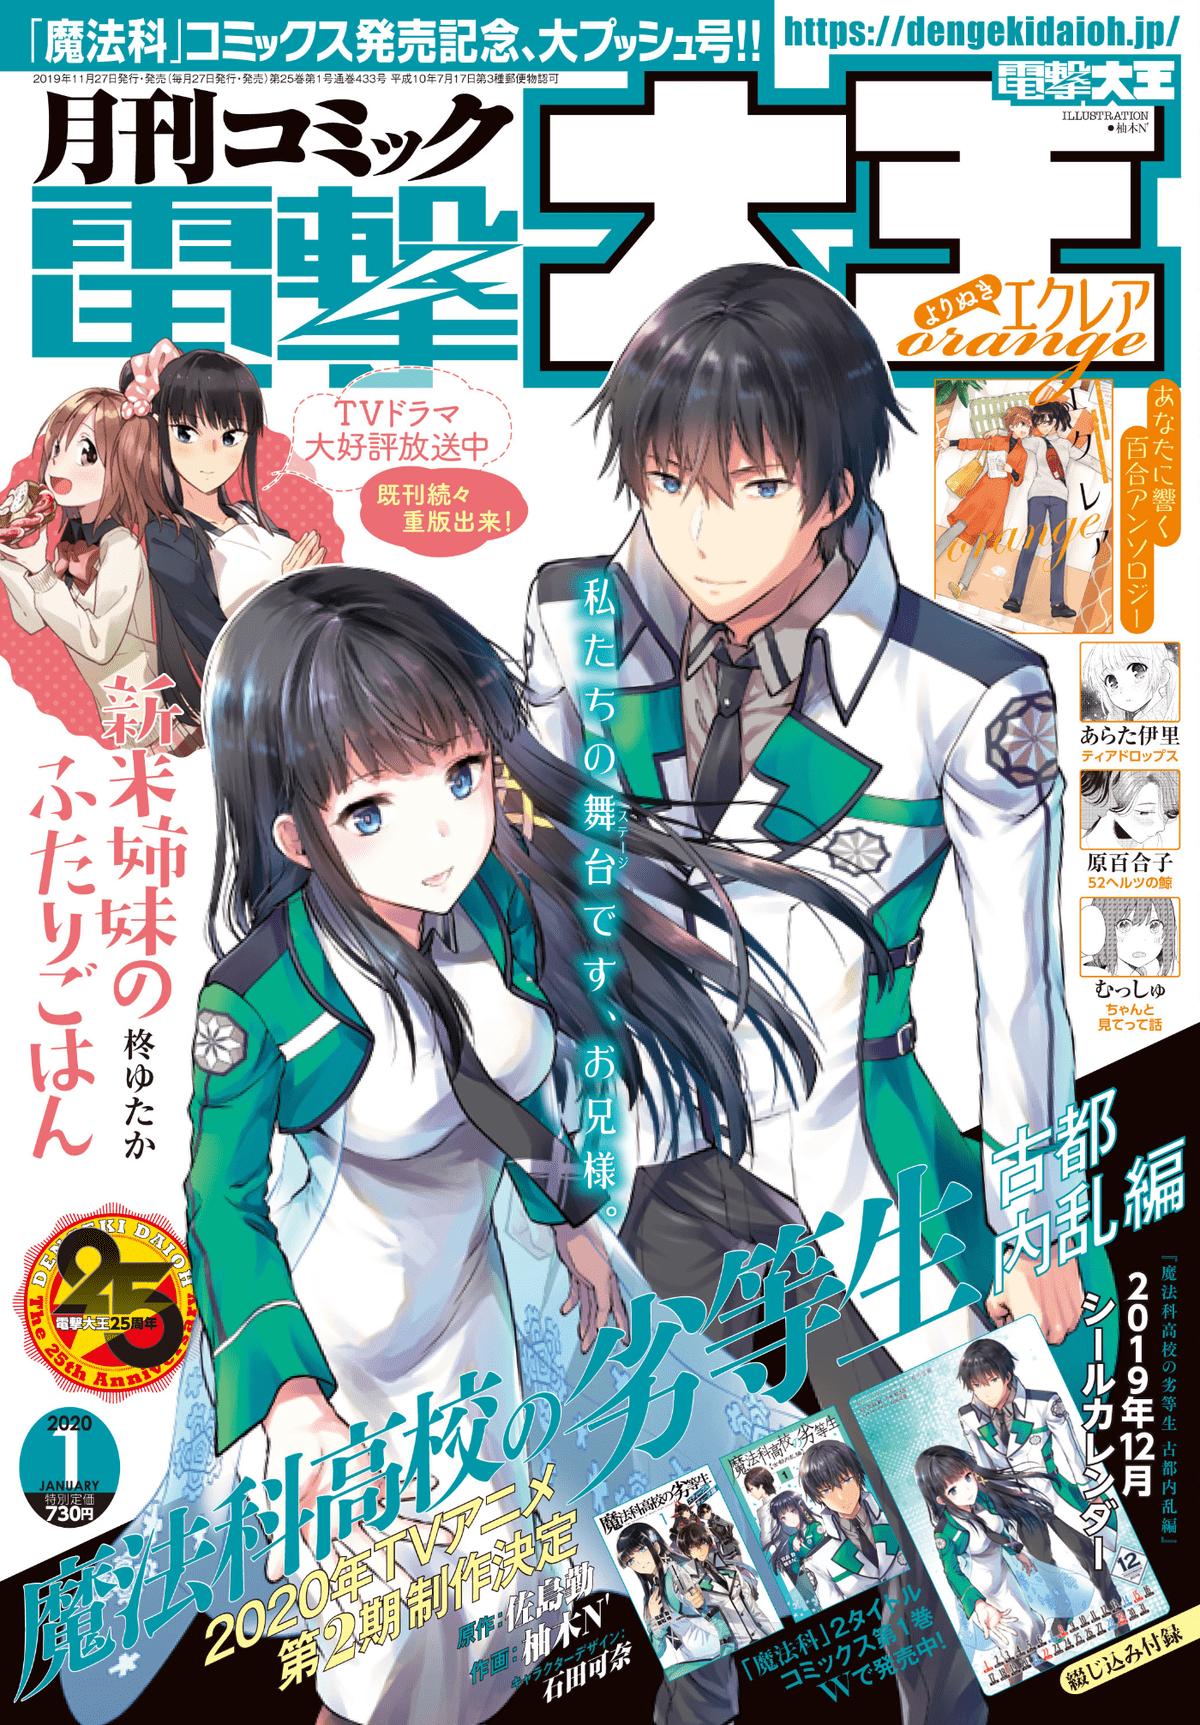 電撃大王2020年1月号は11月27日 水 発売 魔法科 コミックス発売